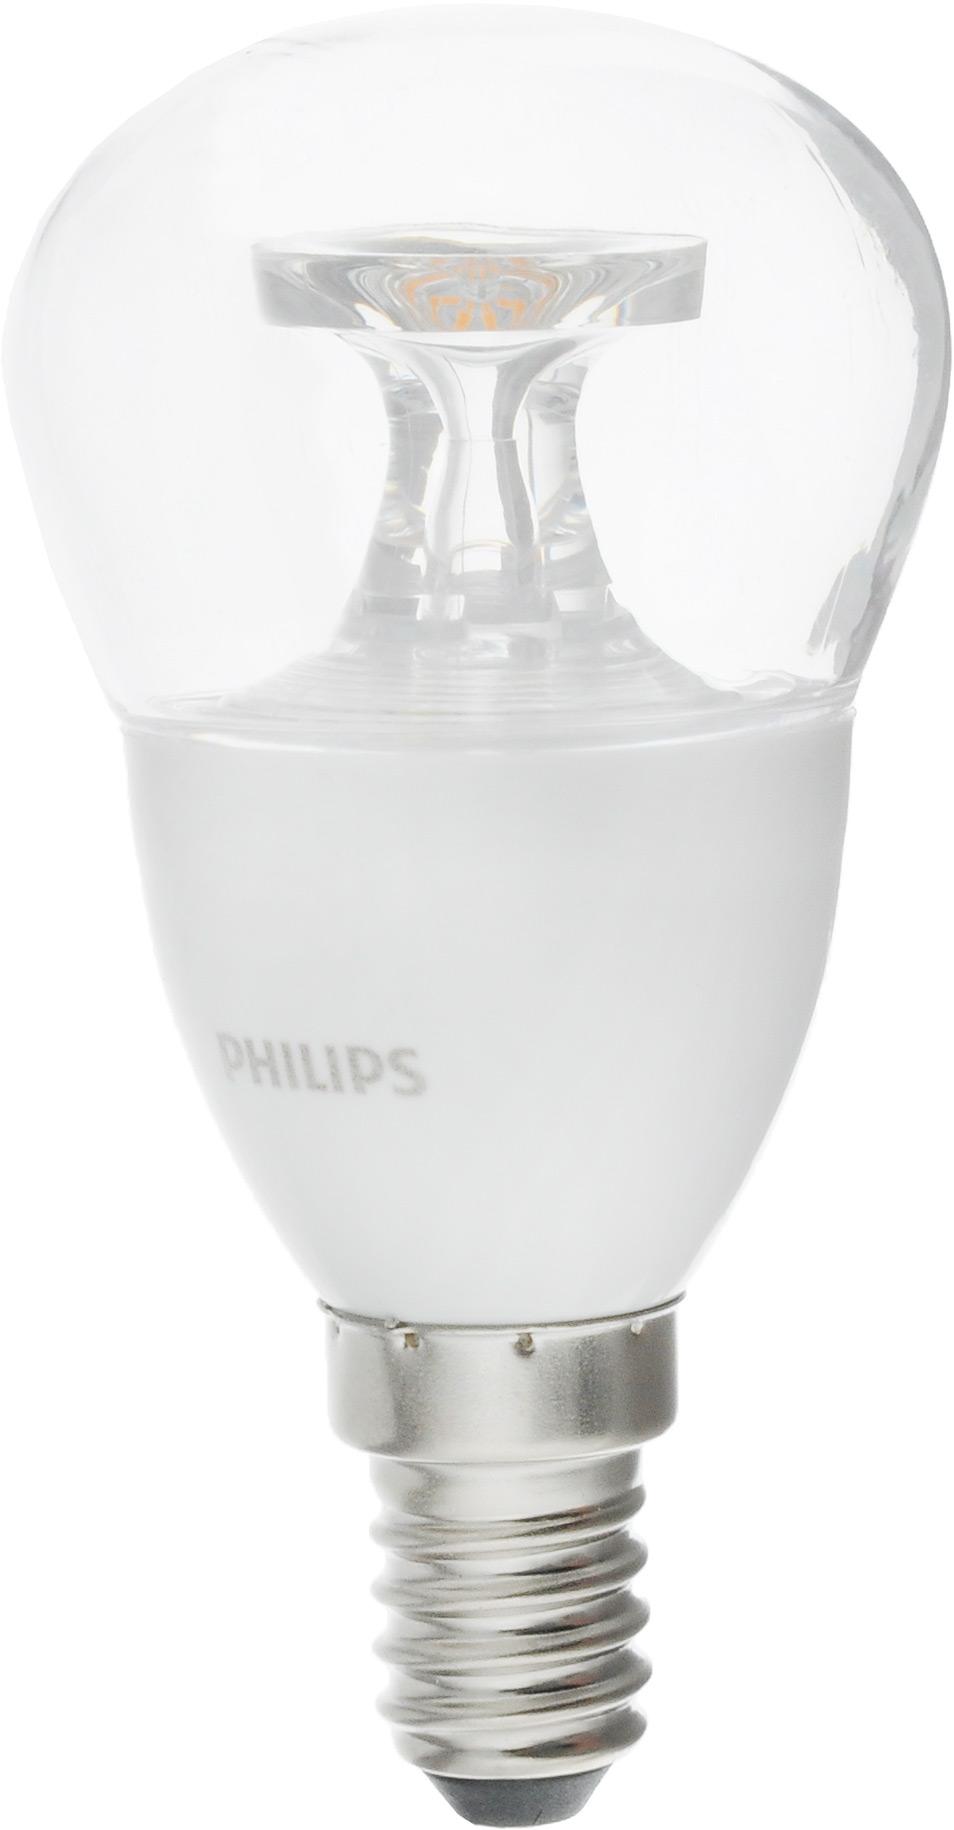 Лампа светодиодная Philips LED lustre, цоколь E14, 5,5-40W, 2700КC0044702Современные светодиодные лампы Philips LED lustre экономичны, имеют долгий срок службы и мгновенно загораются, заполняя комнату светом. Лампа классической формы и высокой яркости позволяет создать уютную и приятную обстановку в любой комнате вашего дома.Светодиодные лампы потребляют на 91 % меньше электроэнергии, чем обычные лампы накаливания, излучая при этом привычный и приятный теплый свет. Срок службы светодиодной лампы Philips составляет до 15 000 часов, что соответствует общему сроку службы 15 ламп накаливания. В результате менять лампы приходится значительно реже, что сокращает количество отходов.Напряжение: 220-240 В. Световой поток: 470 lm.